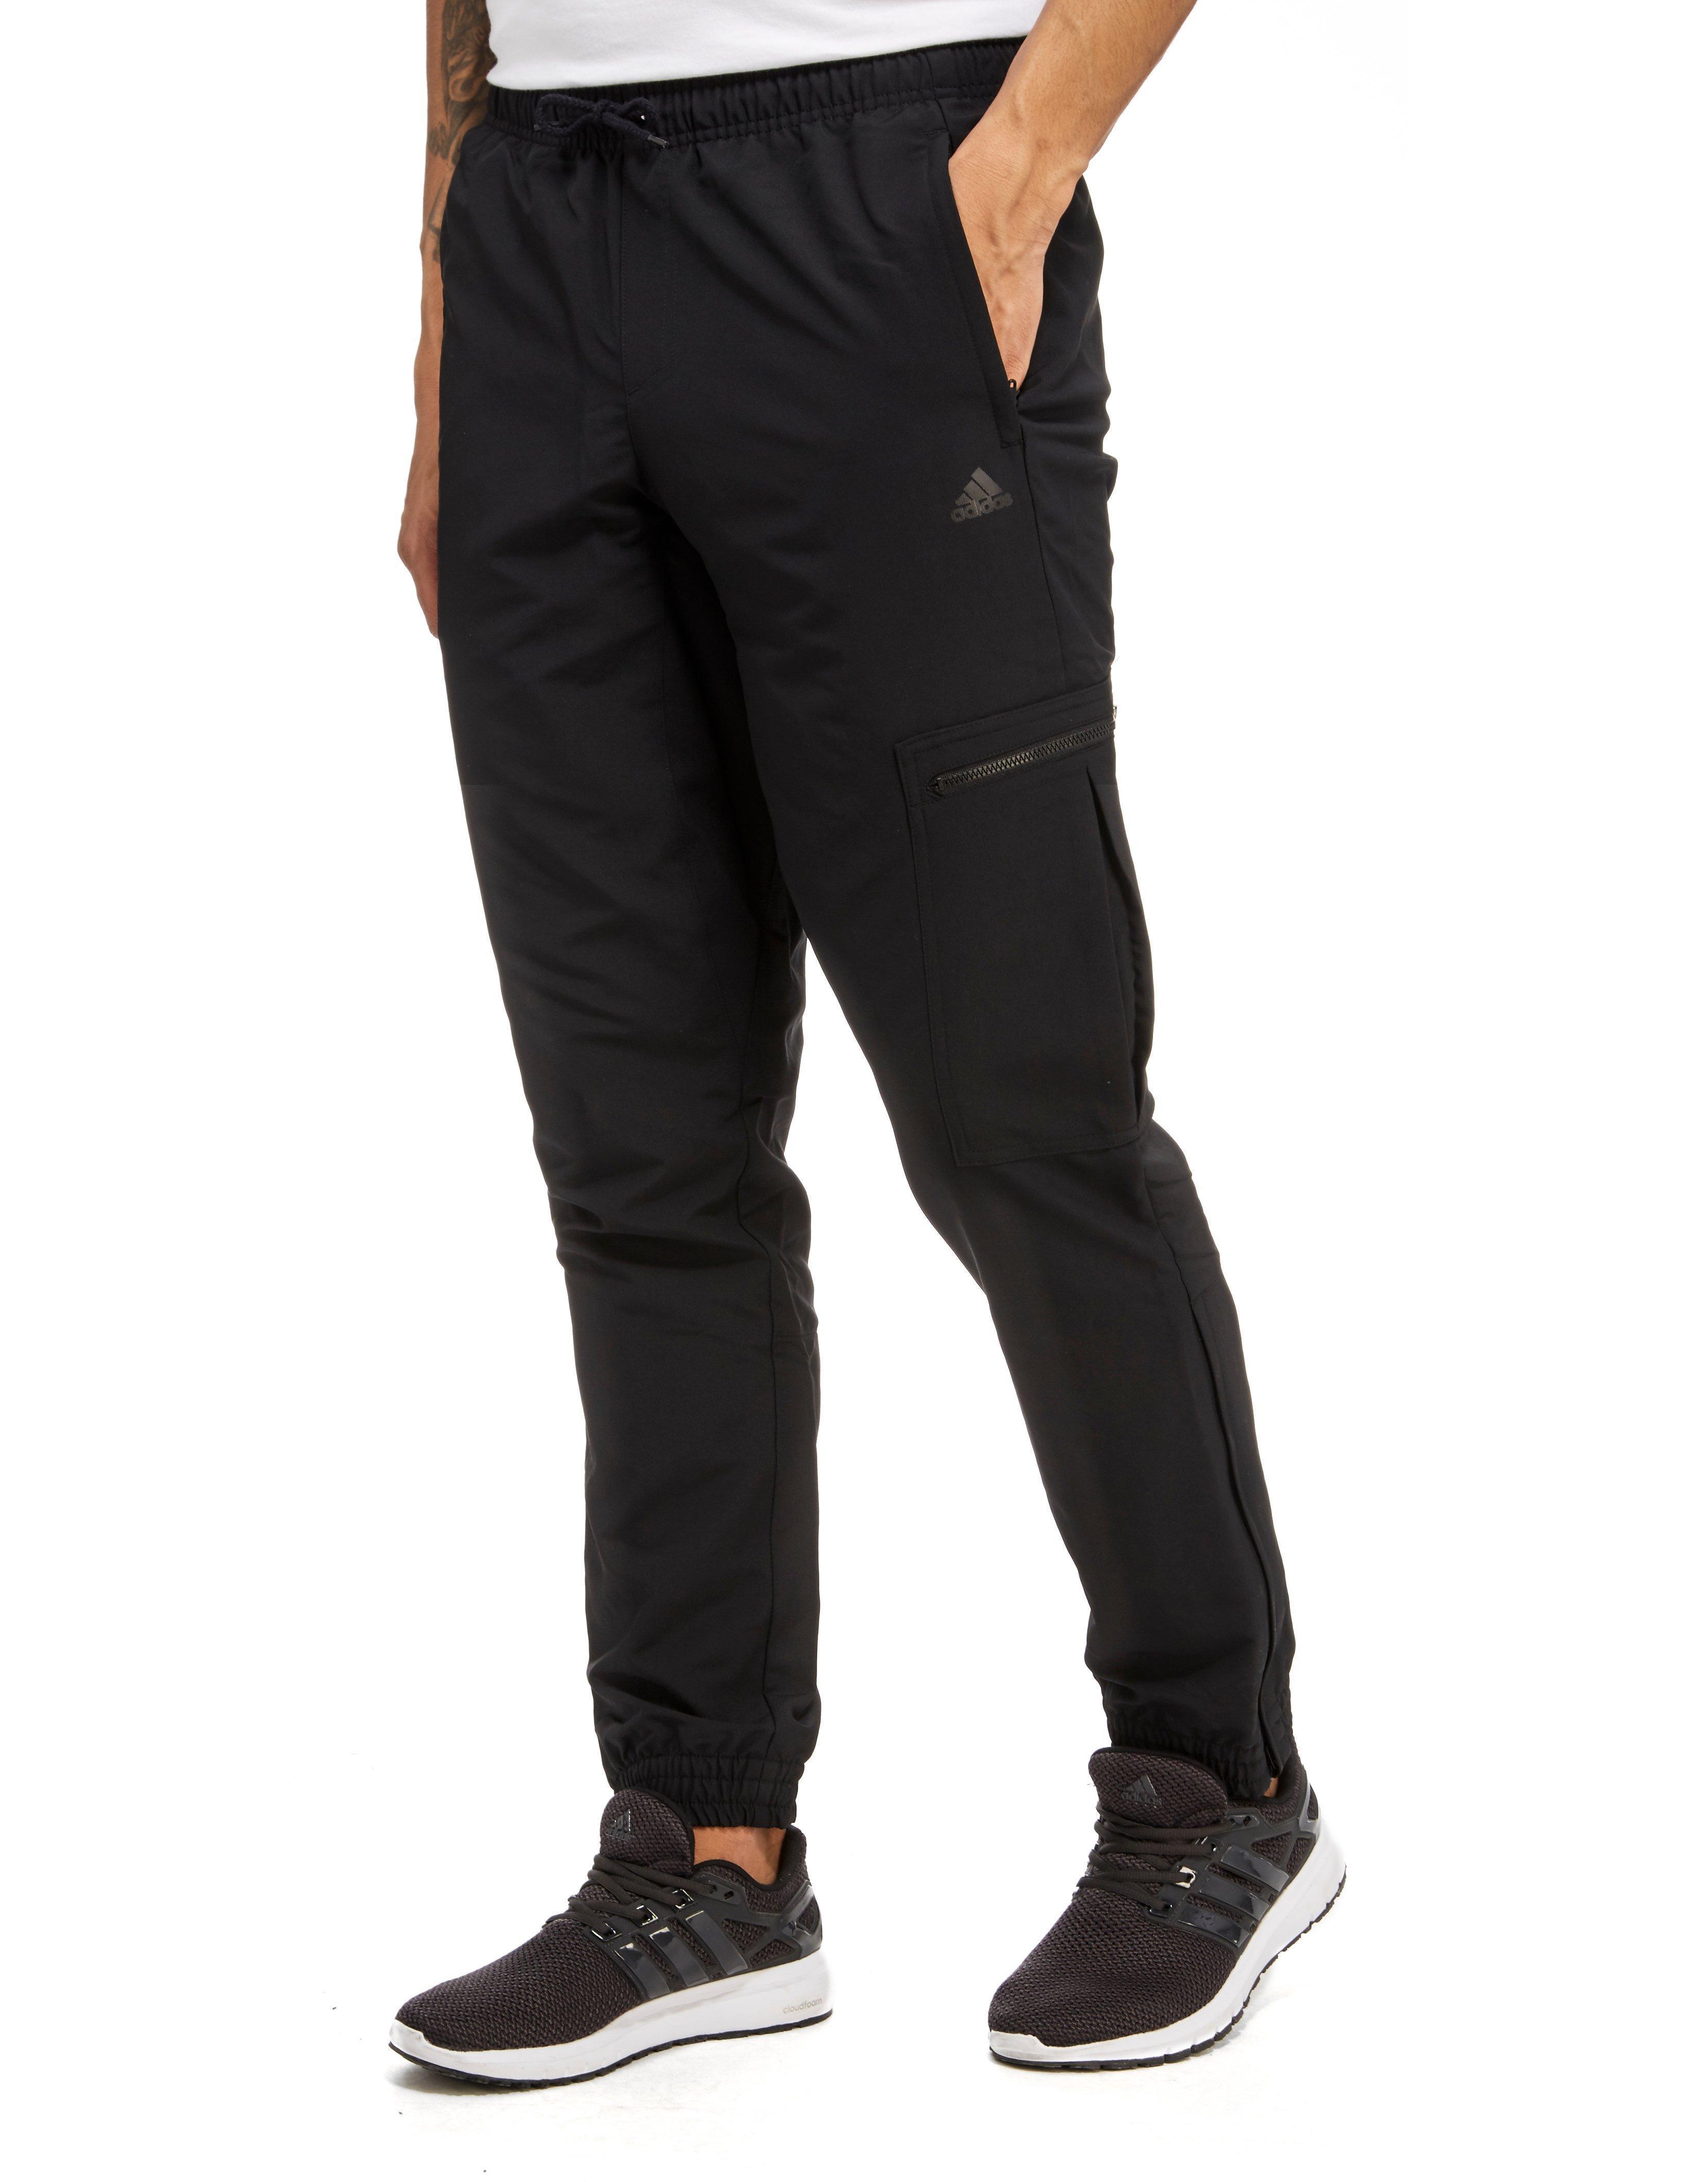 Lyst neri adidas agile 3 pantaloncini neri Lyst per gli uomini. a0ad1f